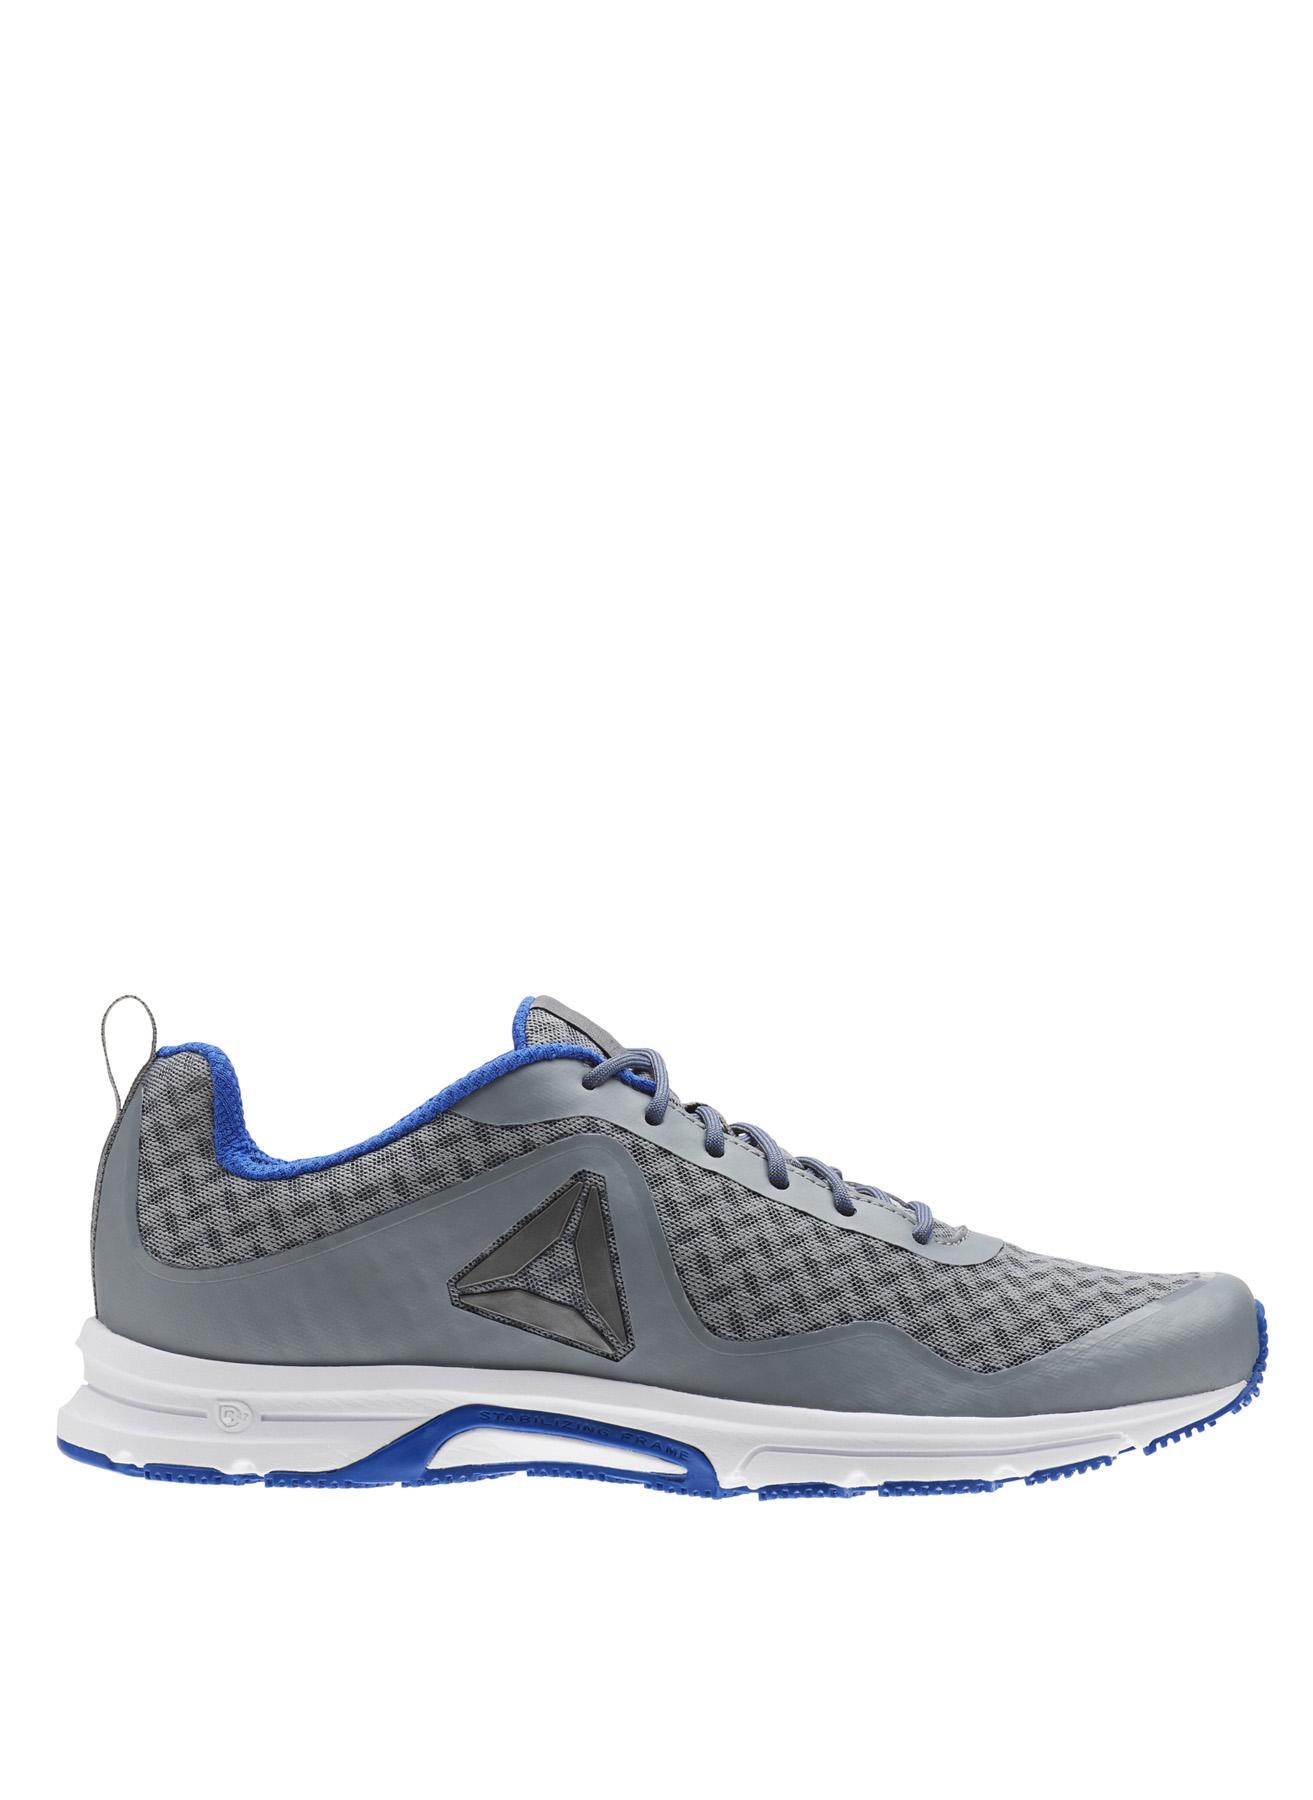 Reebok Triplehall 7.0 Koşu Ayakkabısı 44 5001633256008 Ürün Resmi